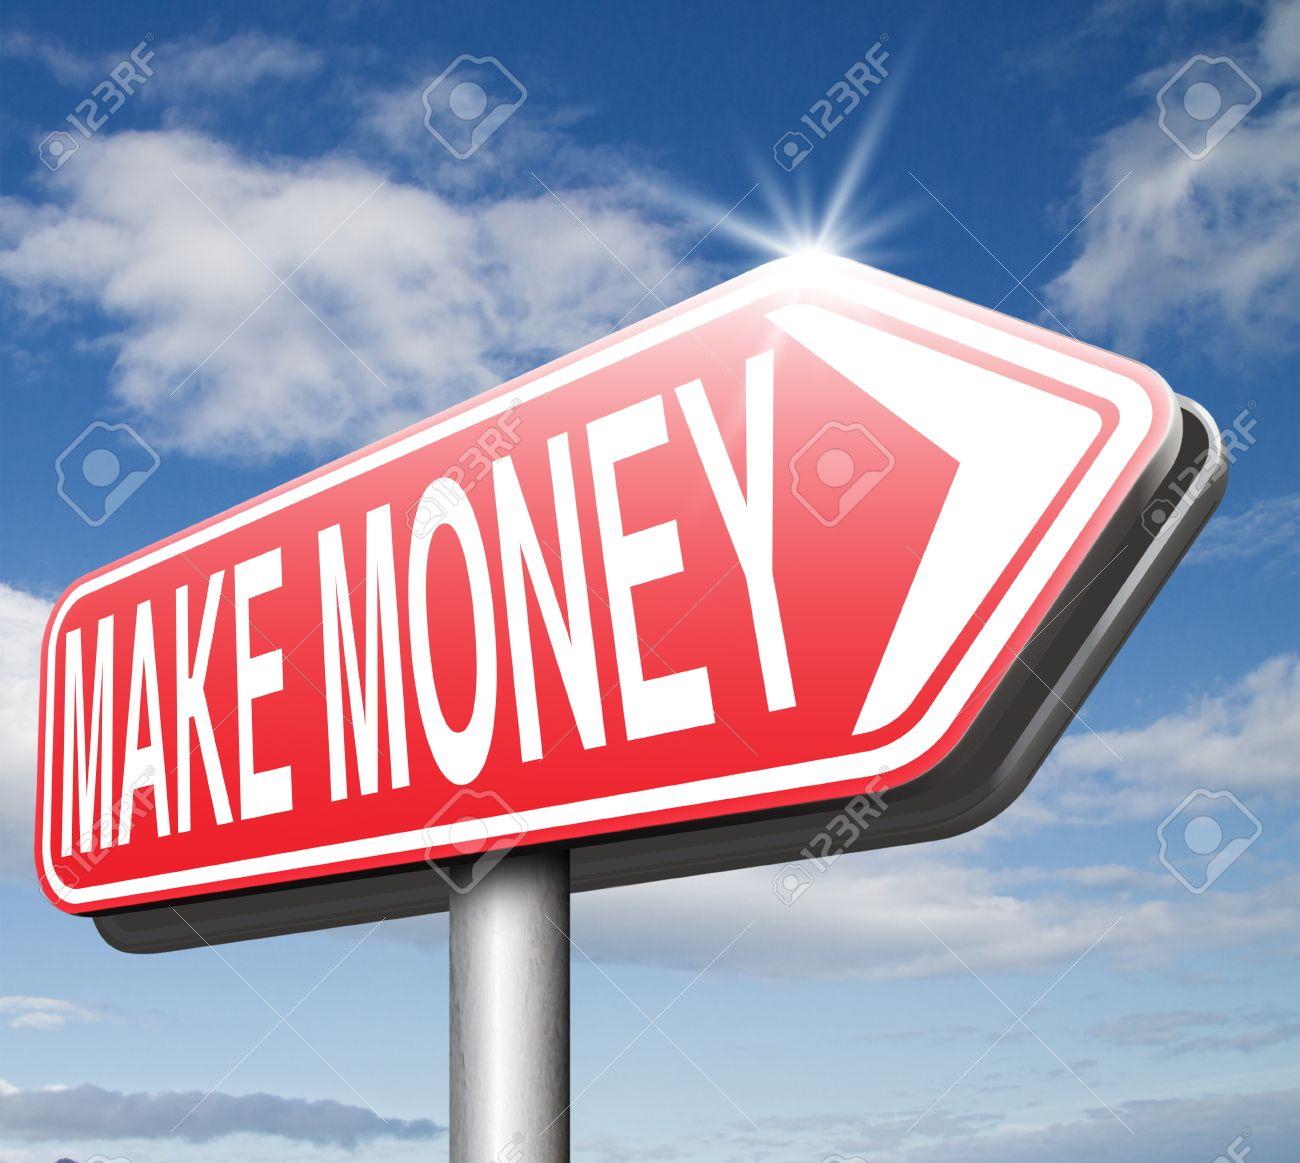 Merchant cash advance percentage image 10